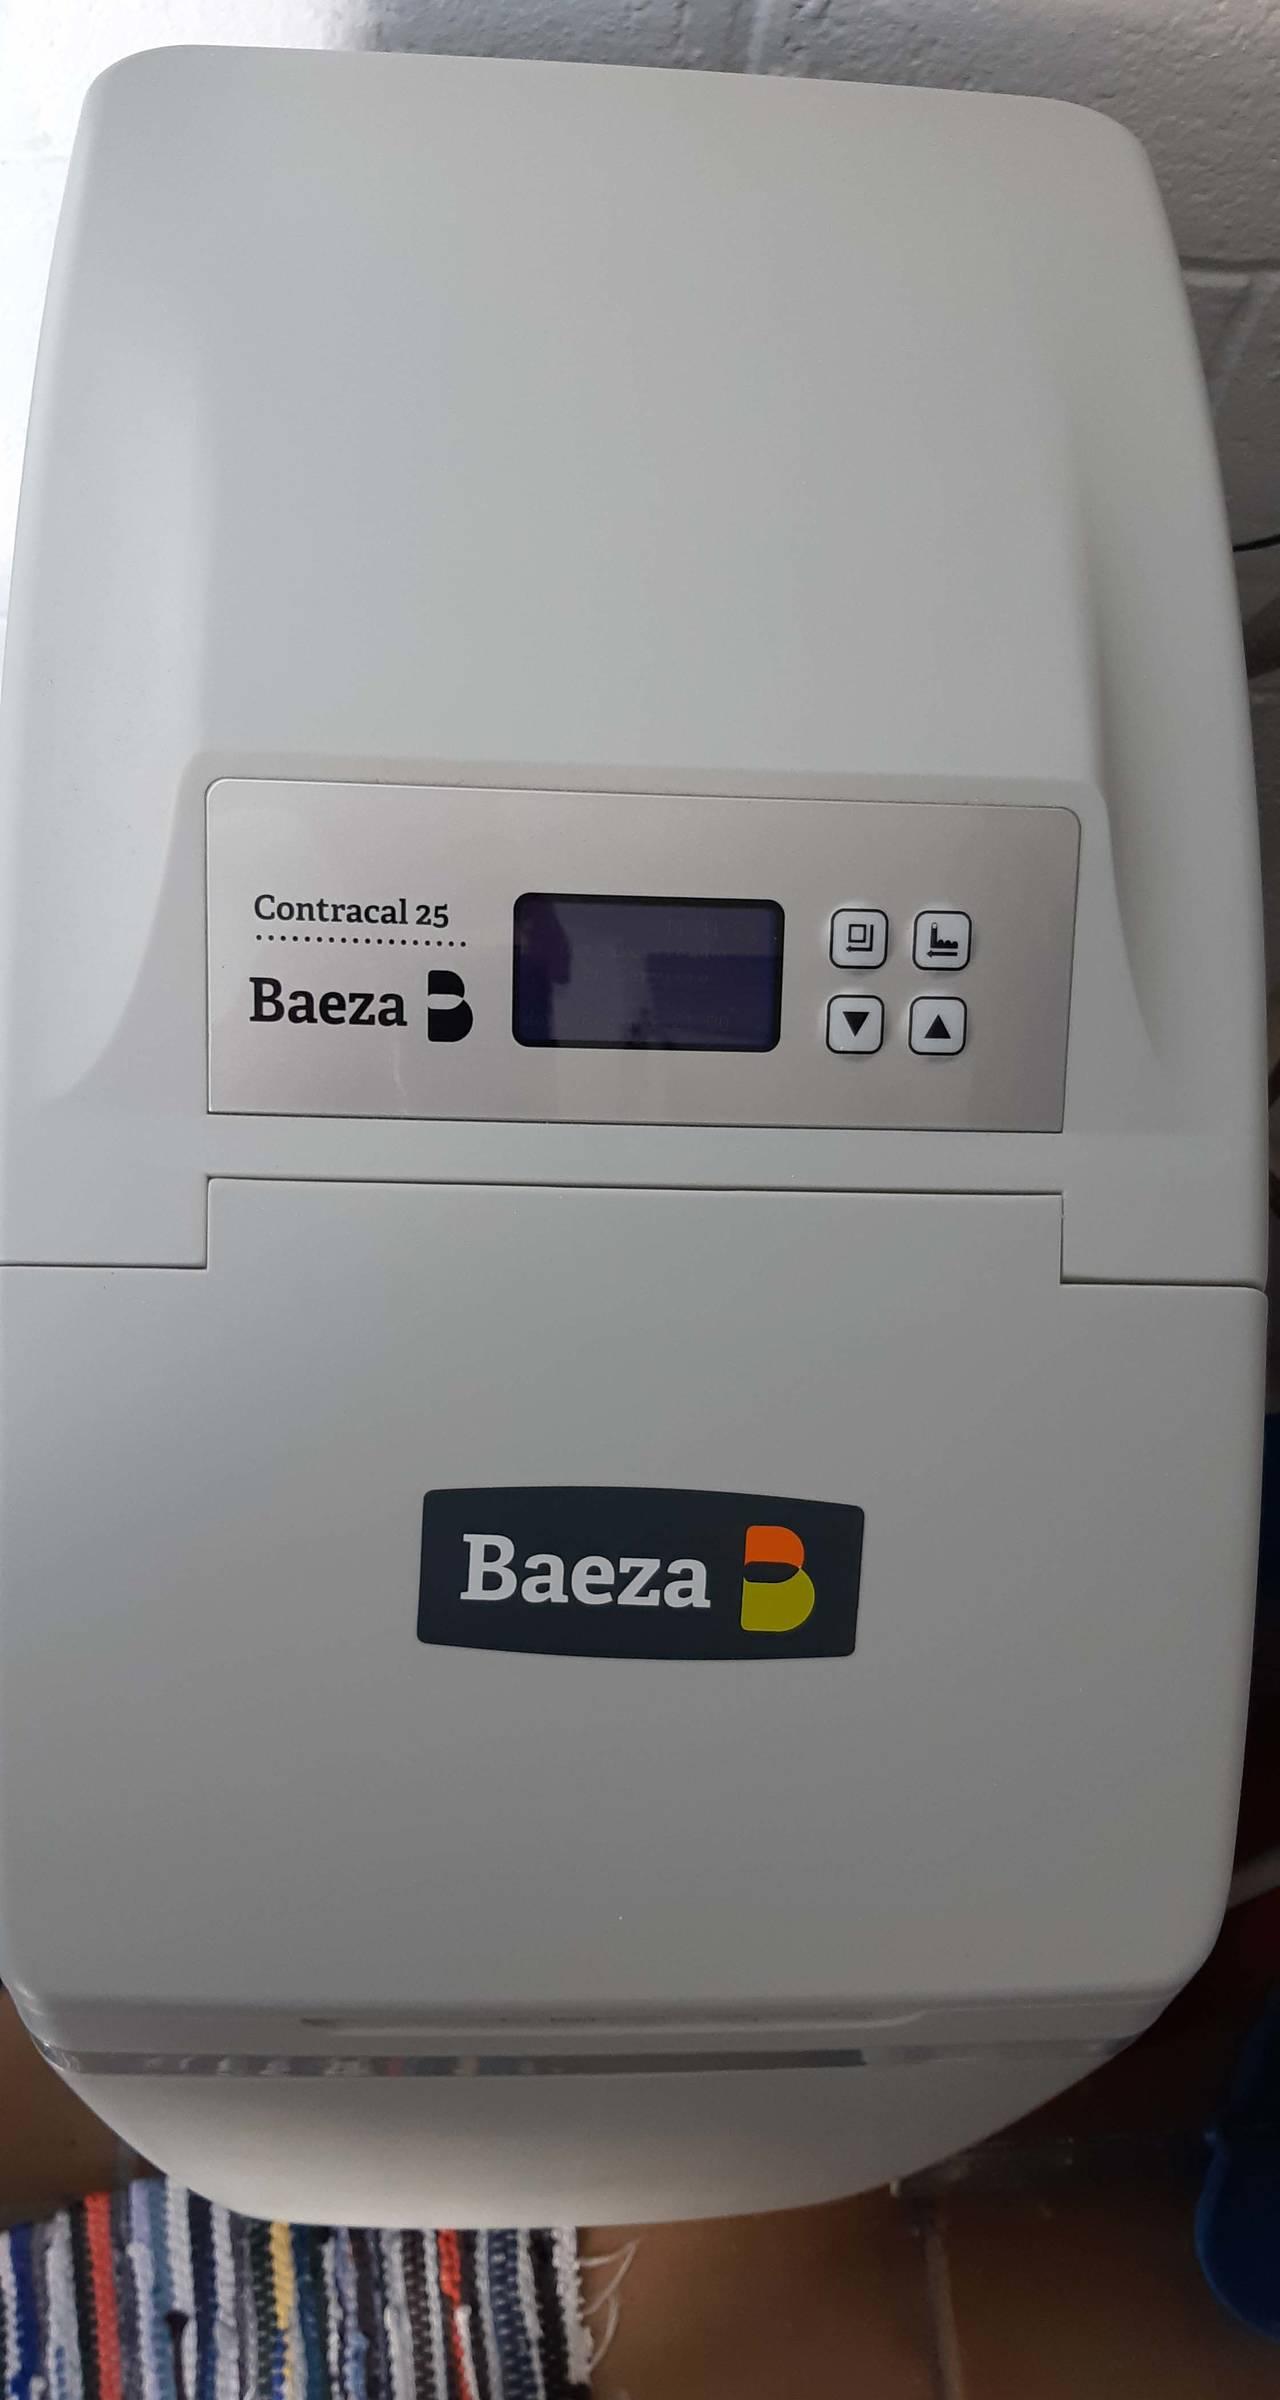 Descalificadora  contracal  25 bajo consumo  - Foto 3